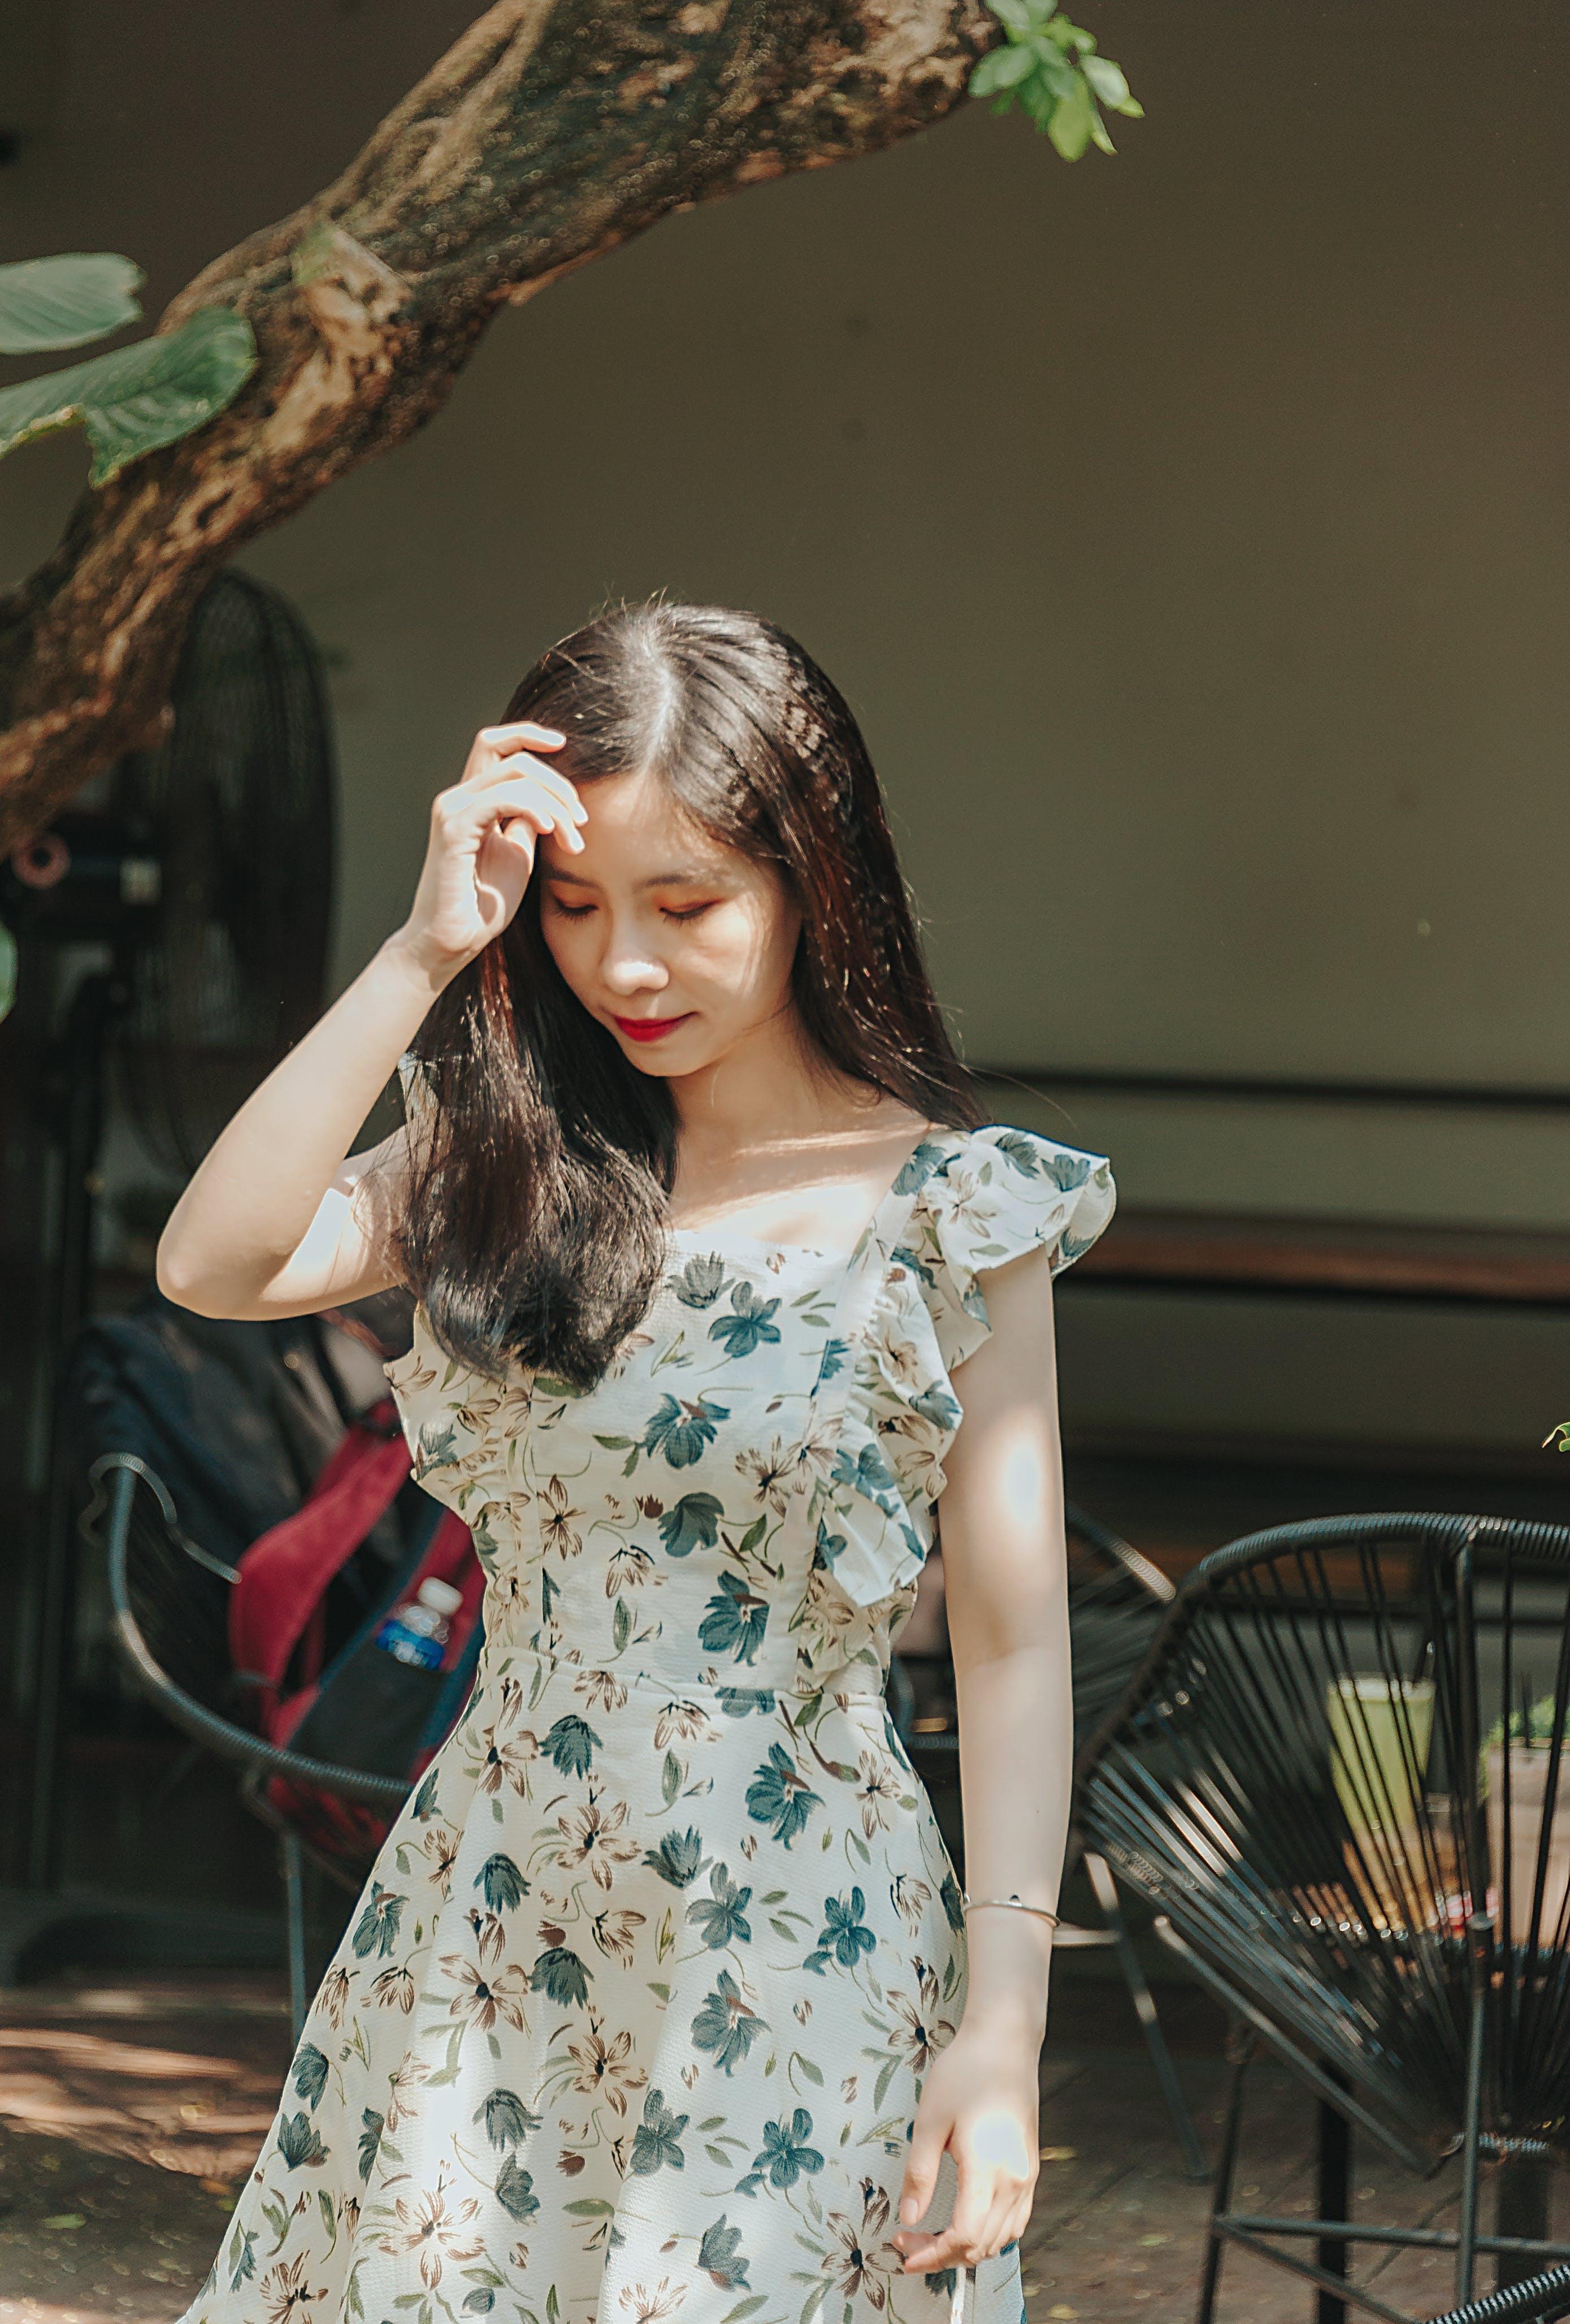 おしゃれ, アジアの女性, アジア人, アジア人女性の無料の写真素材